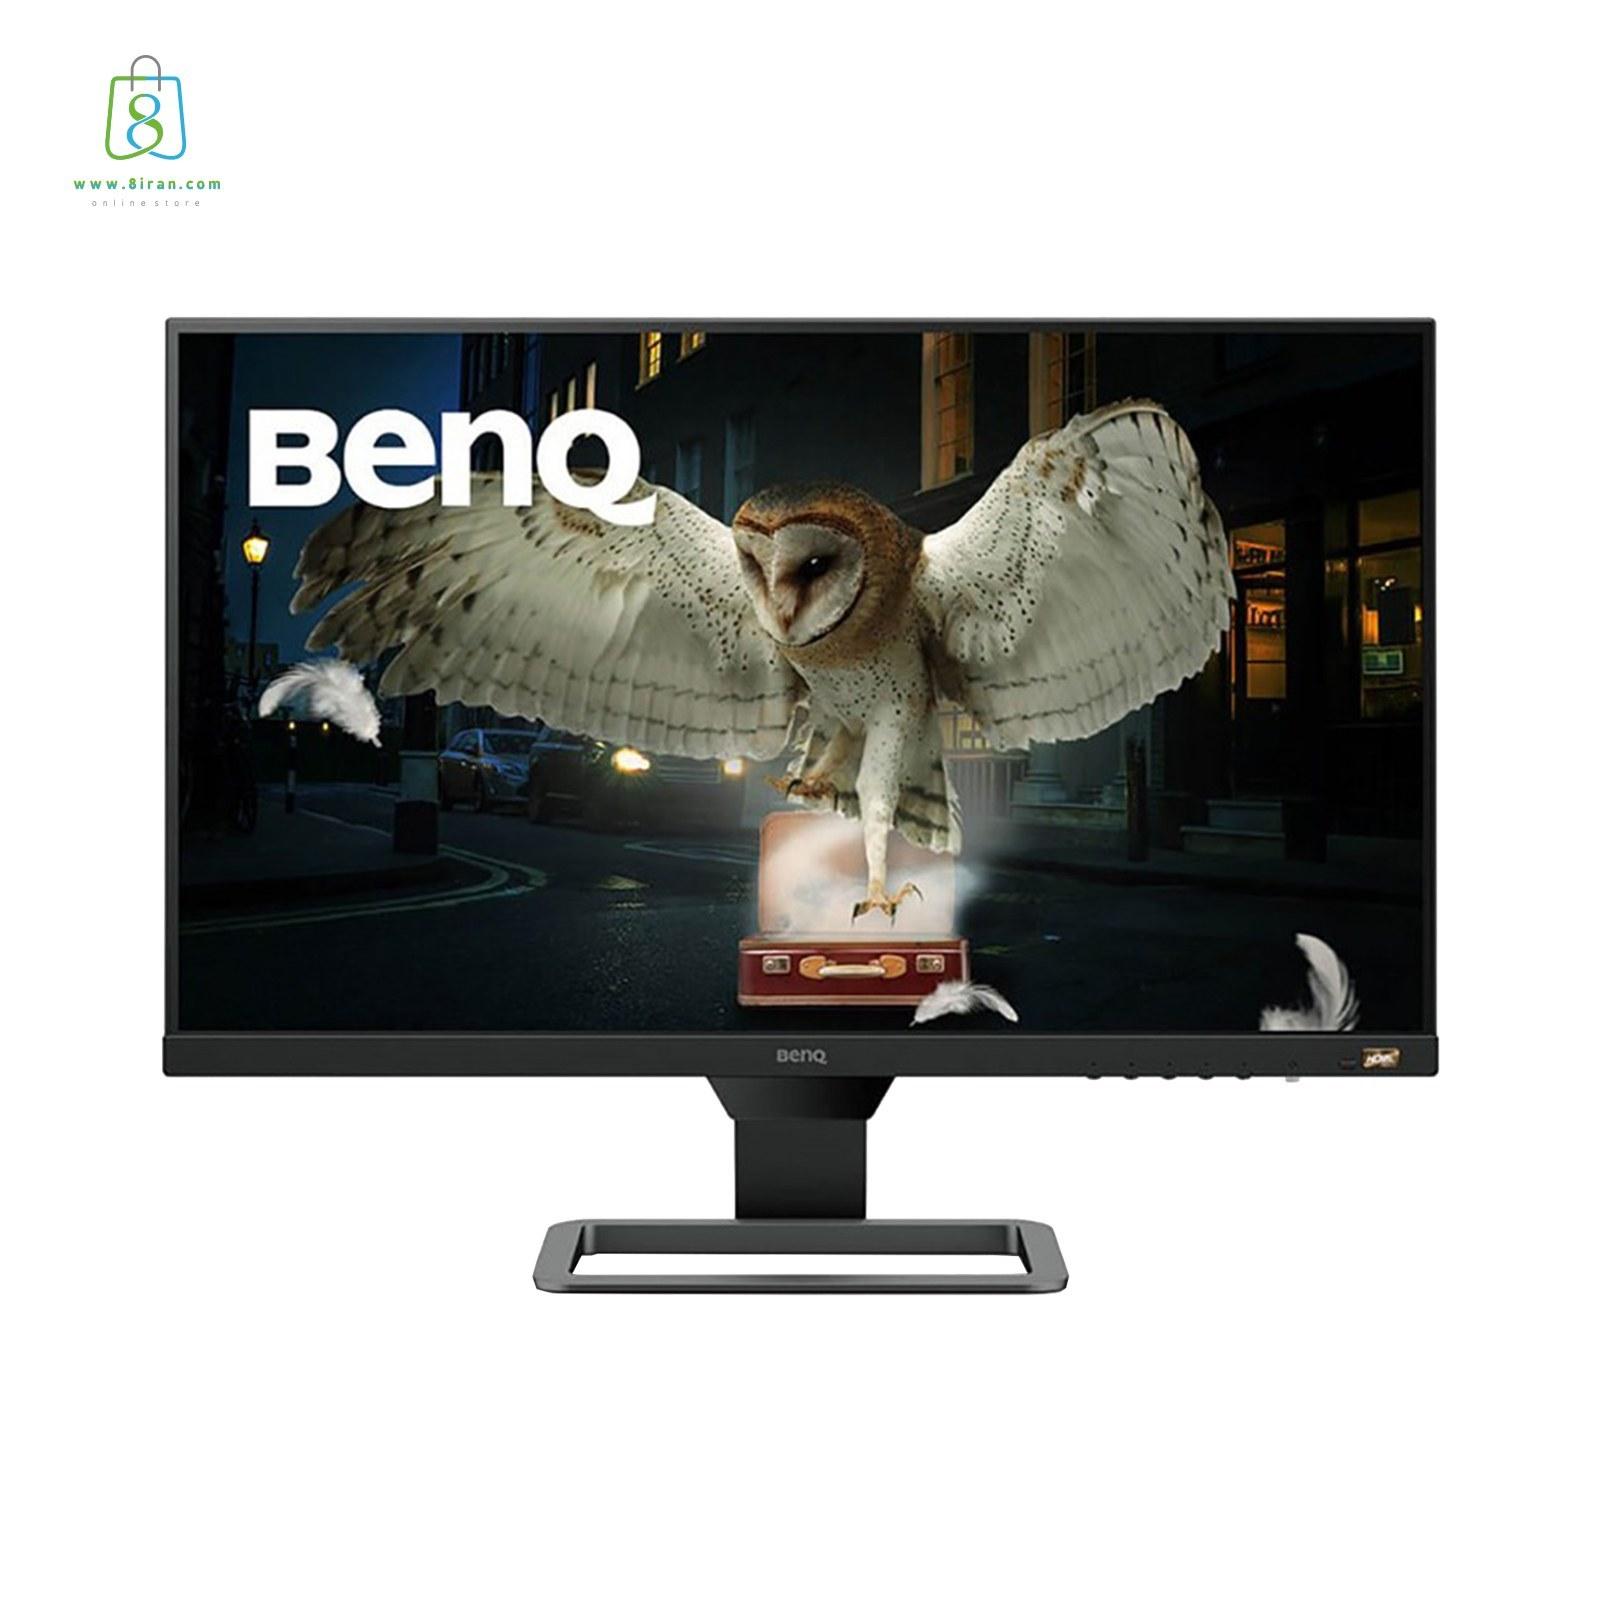 تصویر مانیتور گیمینگ بنکیو 27 اینچ مدل EW2780 BenQ 27 inch monitor model EW2780